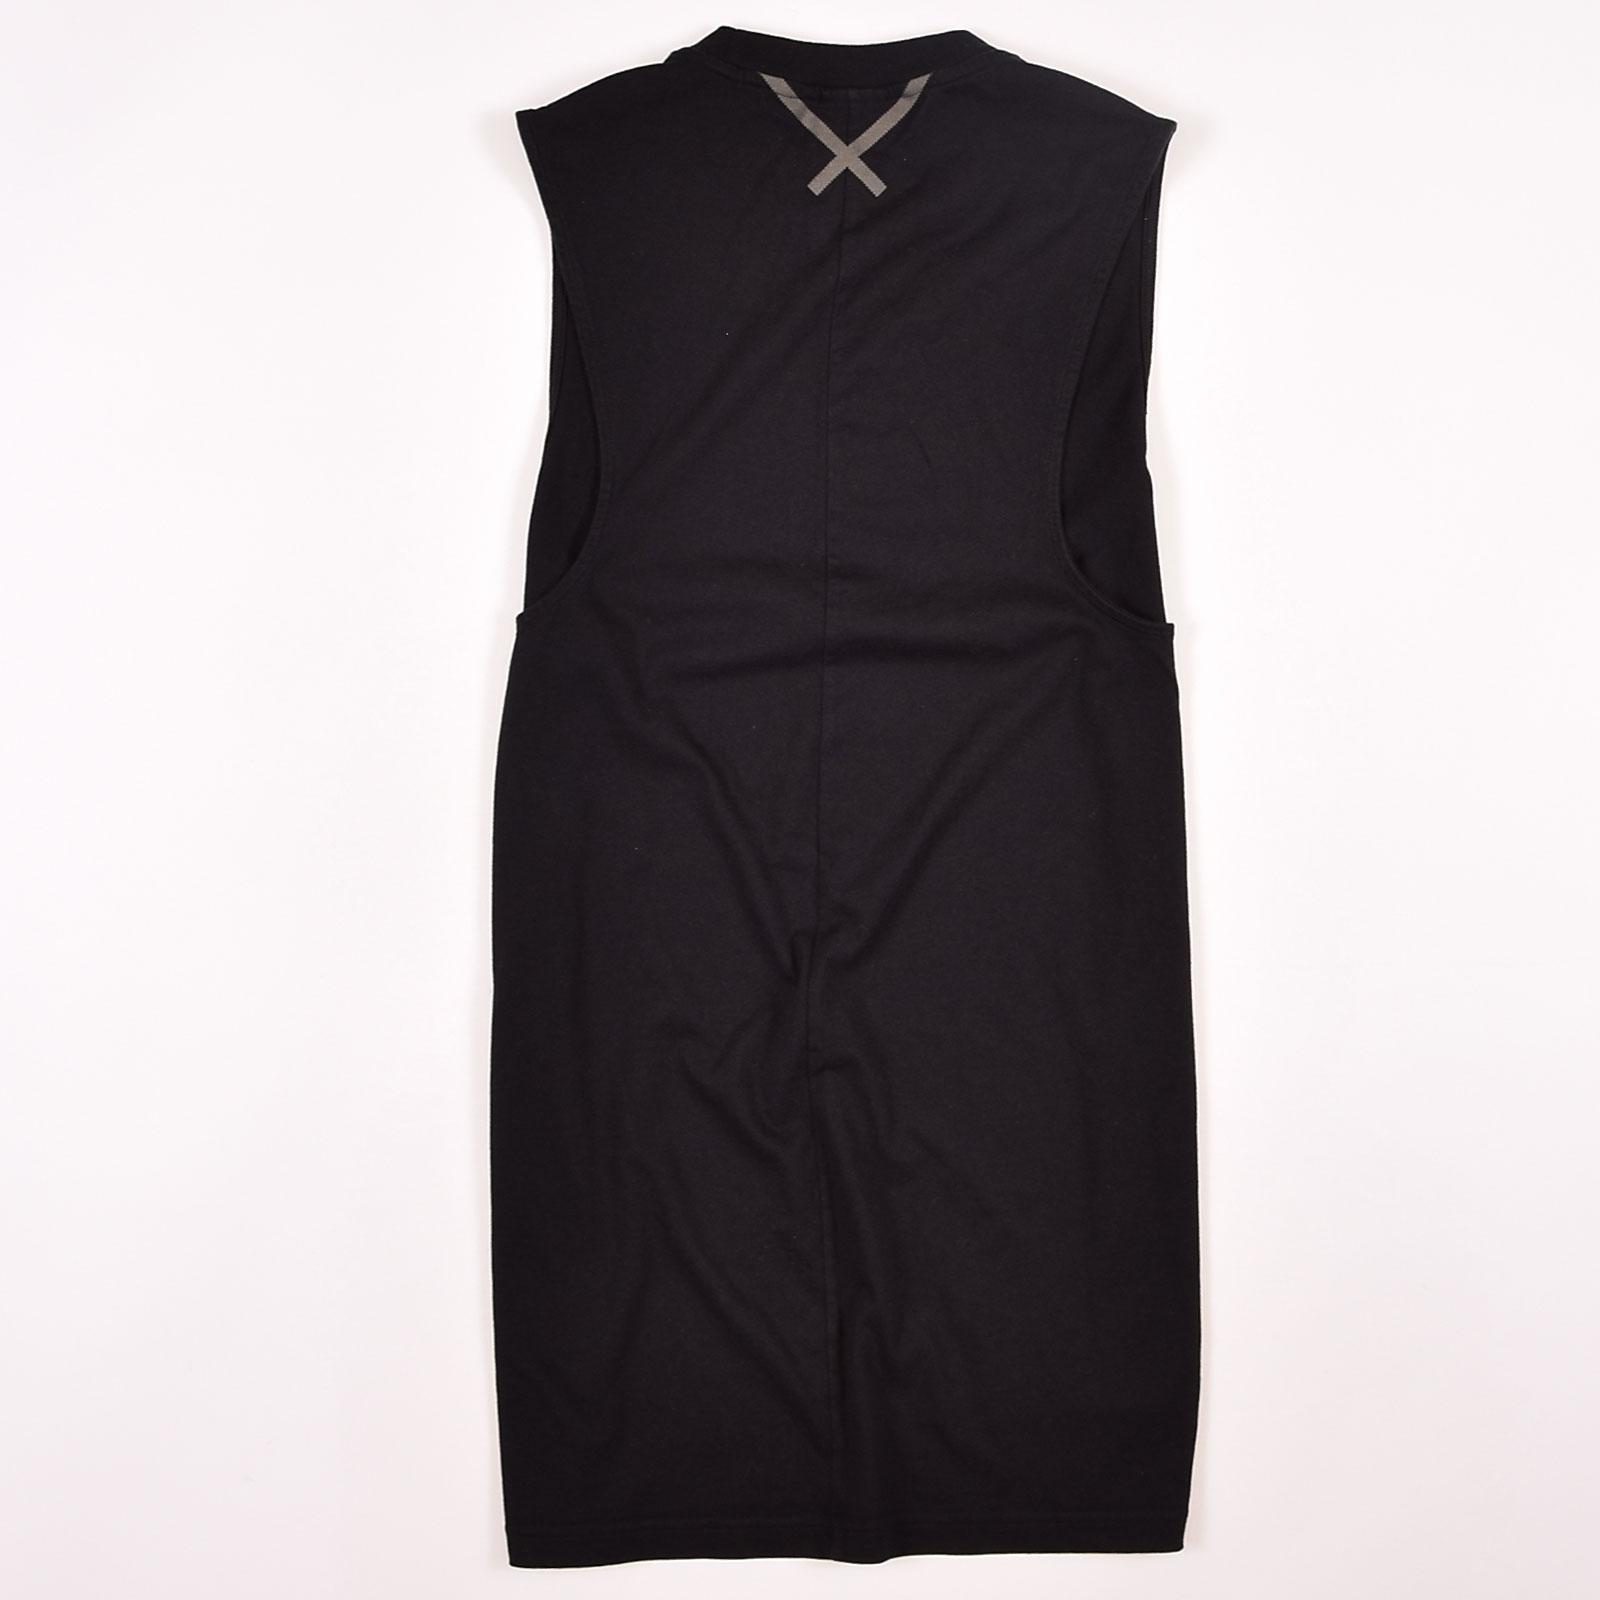 detalles de adidas señora vestido dress talla 40 negros 96094- ver título  original